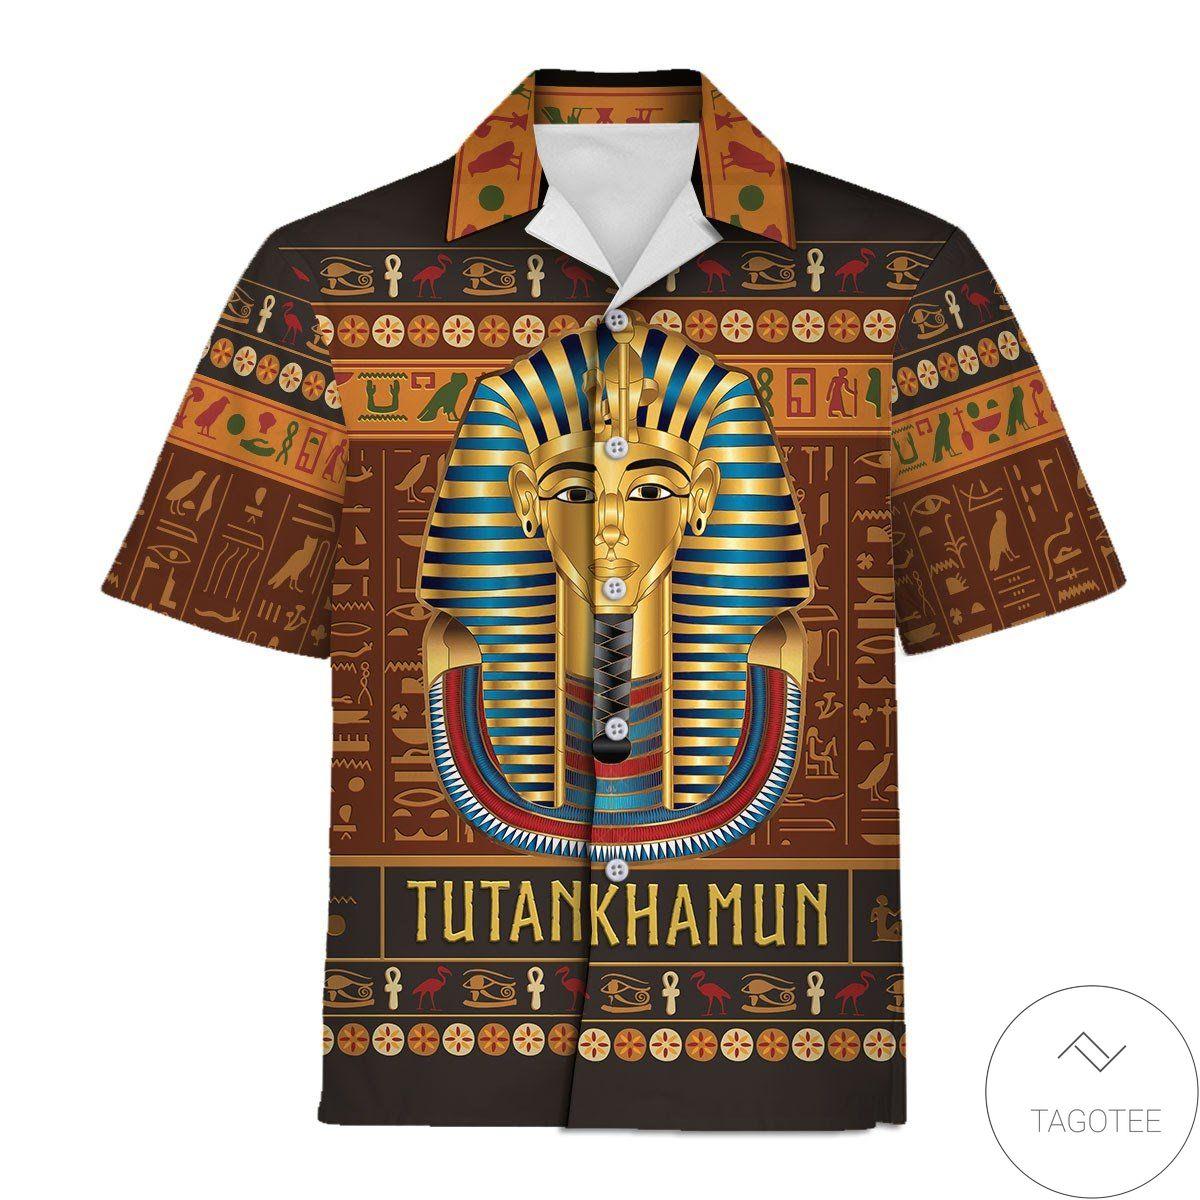 Tutankhamun Hawaiian Shirt